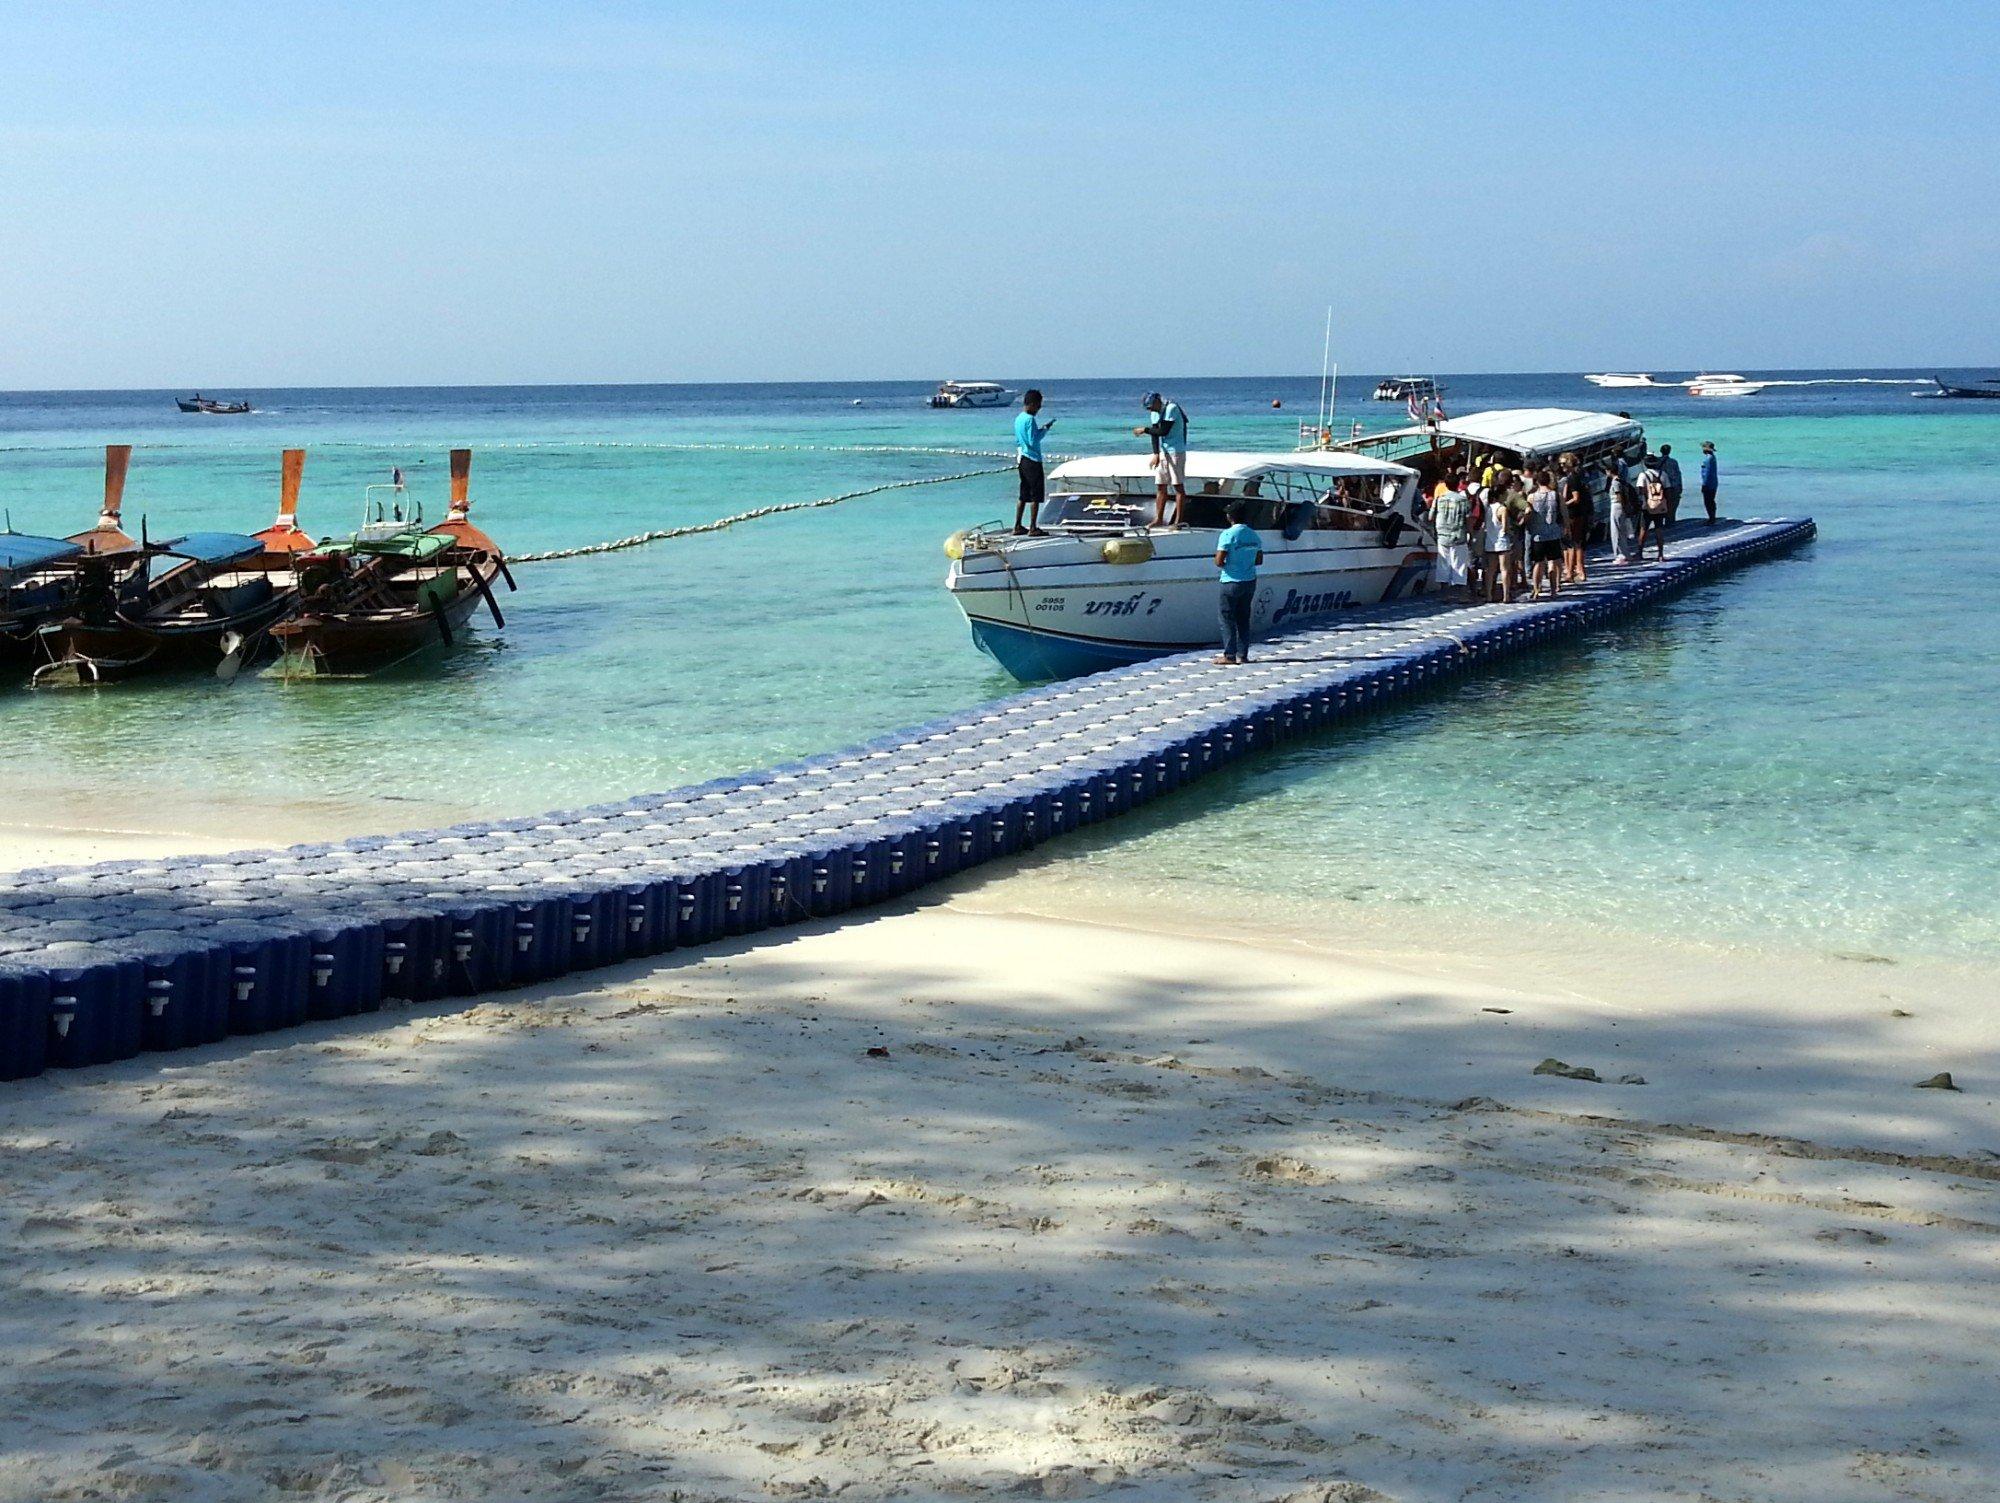 Speedboat pier in Koh Lipe